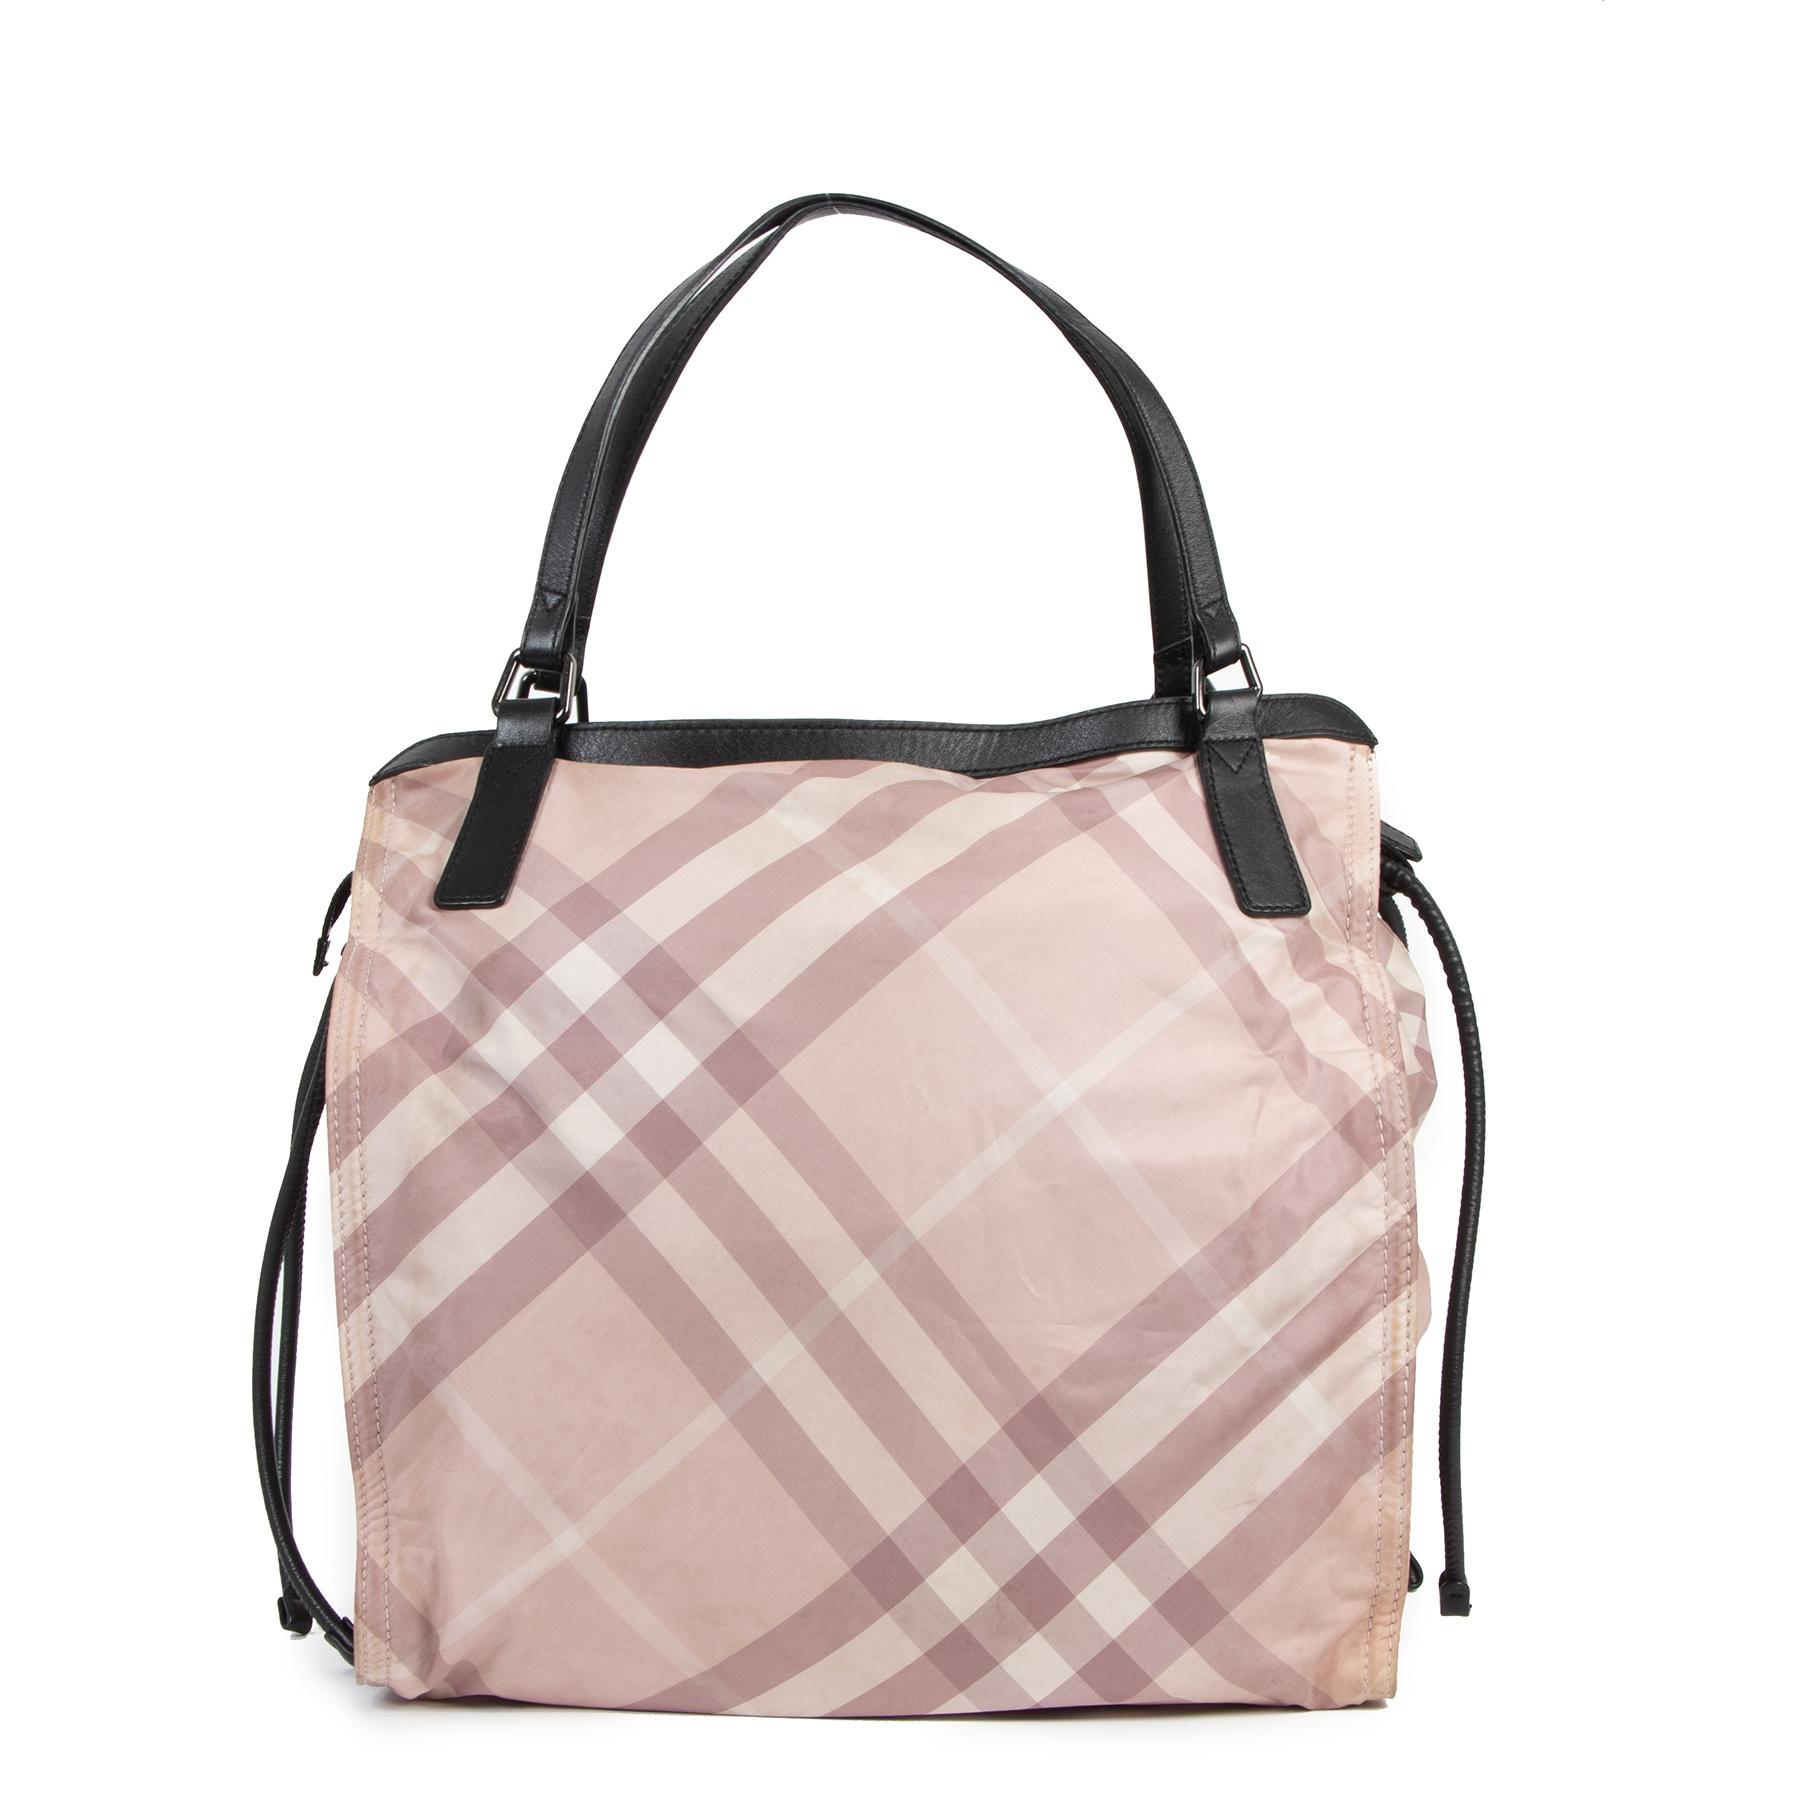 Koop veilig online authentieke tweedehands Burberry tassen met de juiste prijs bij LabelLOV.